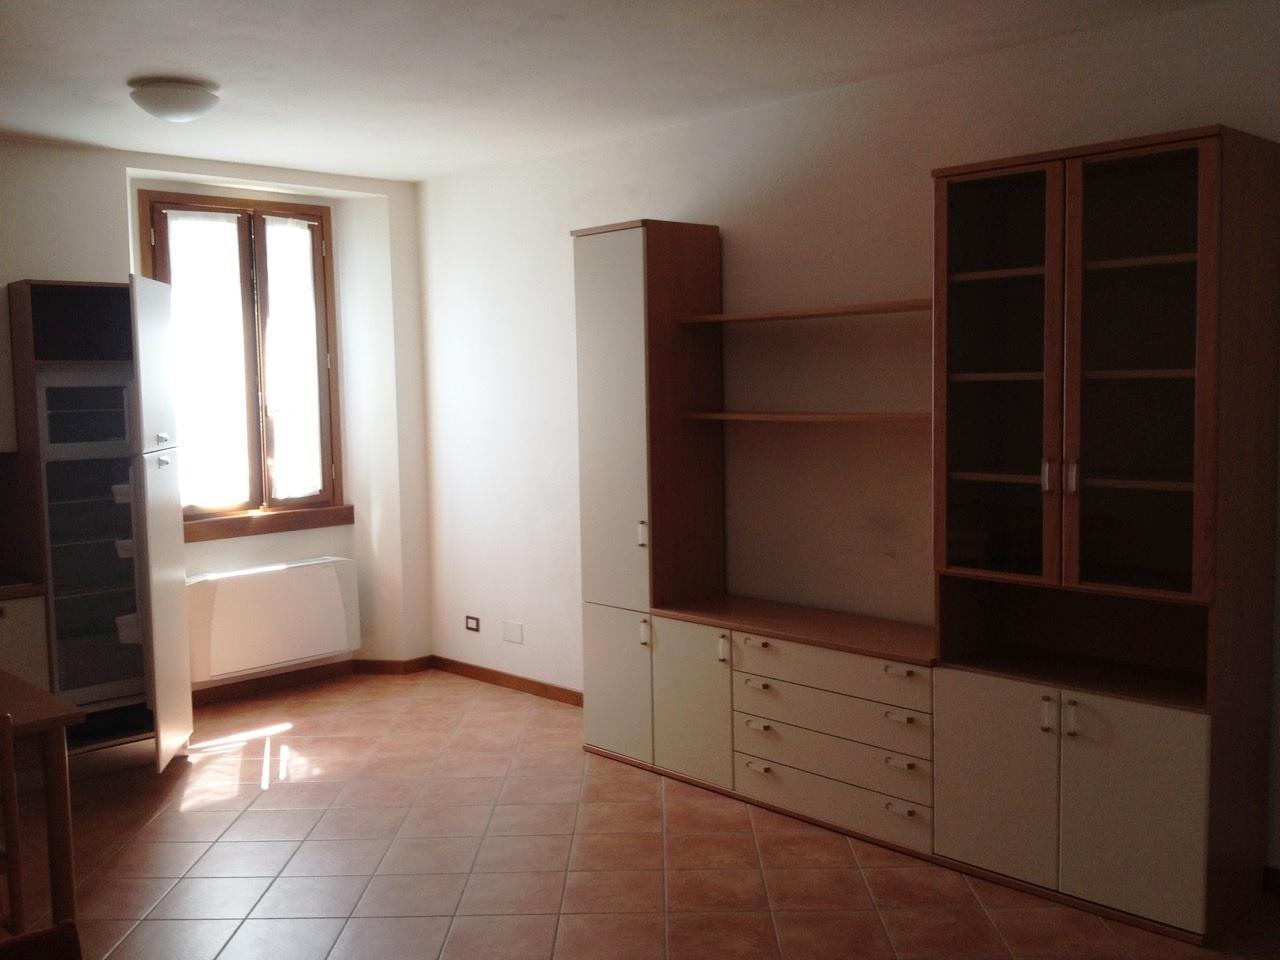 appartamento affitto calenzano settimello